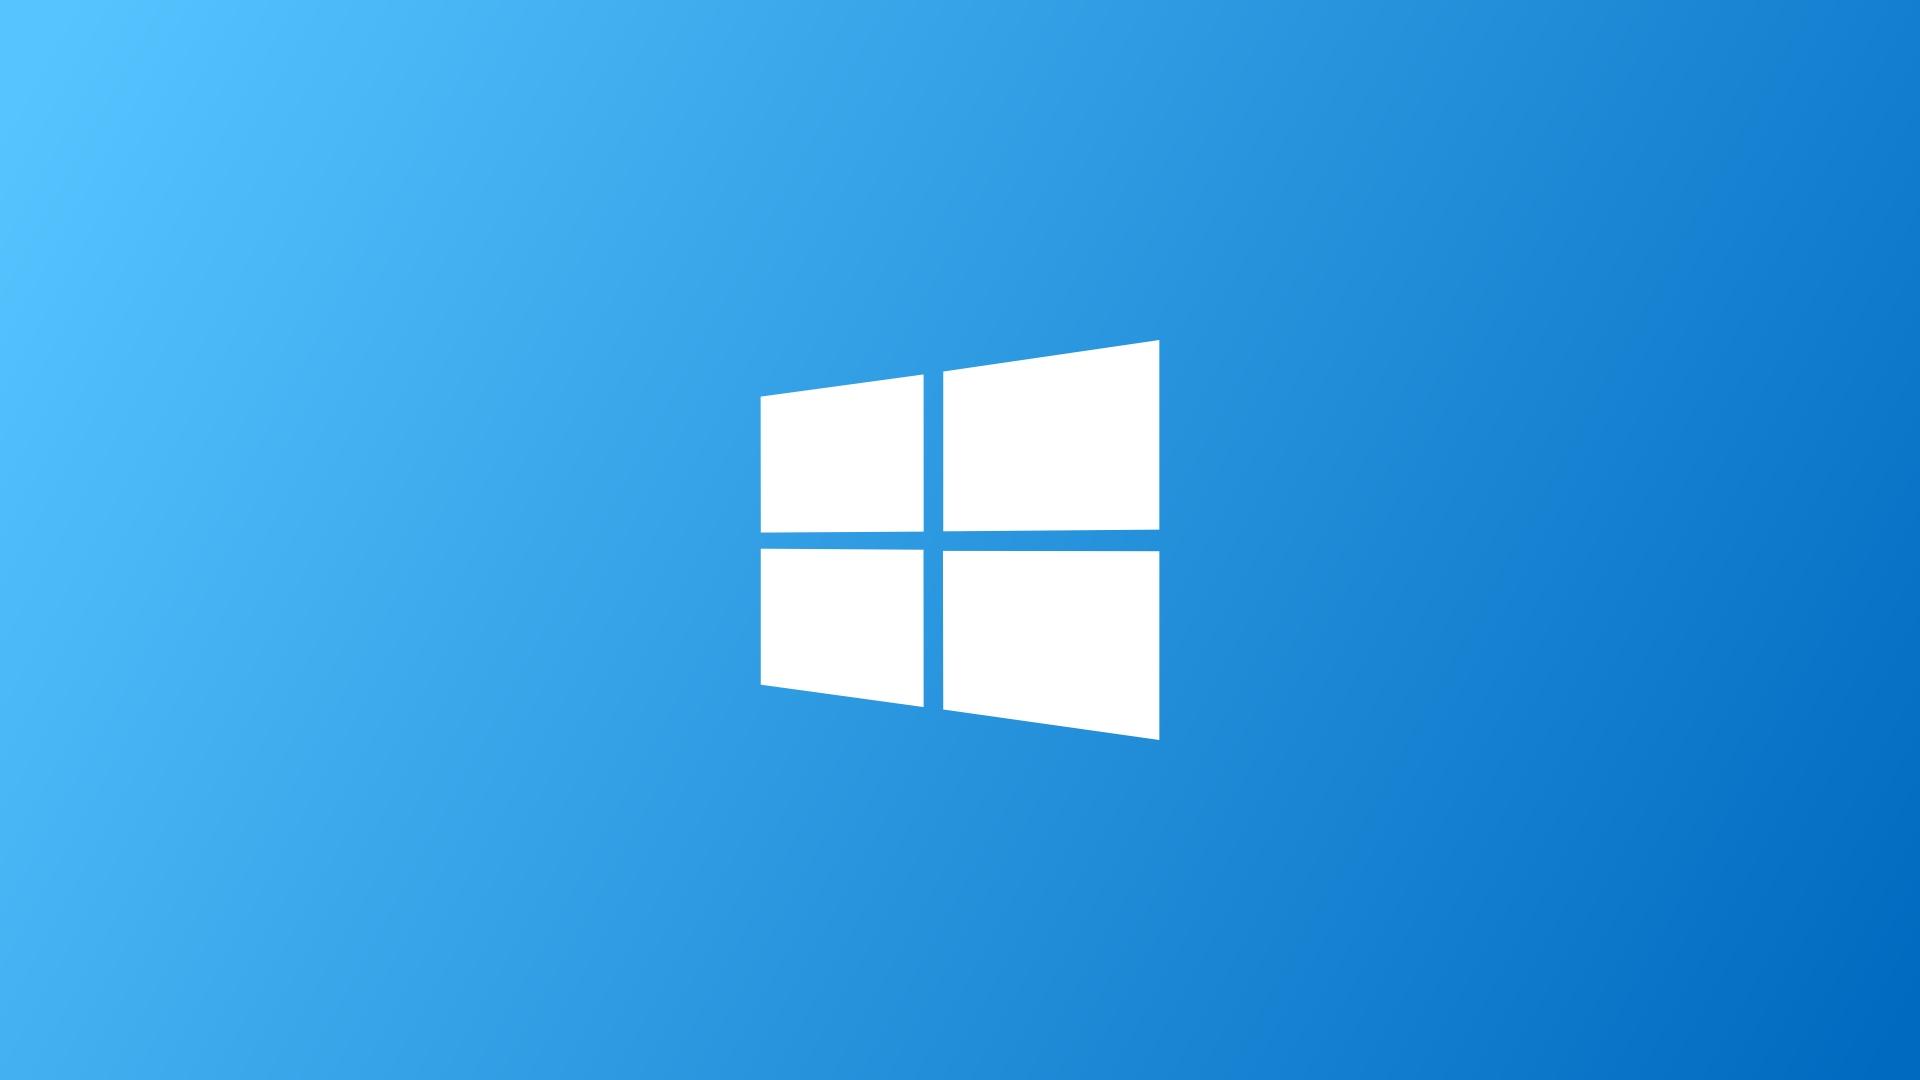 windows 8 full hd fond d'écran and arrière-plan | 1920x1080 | id:461377